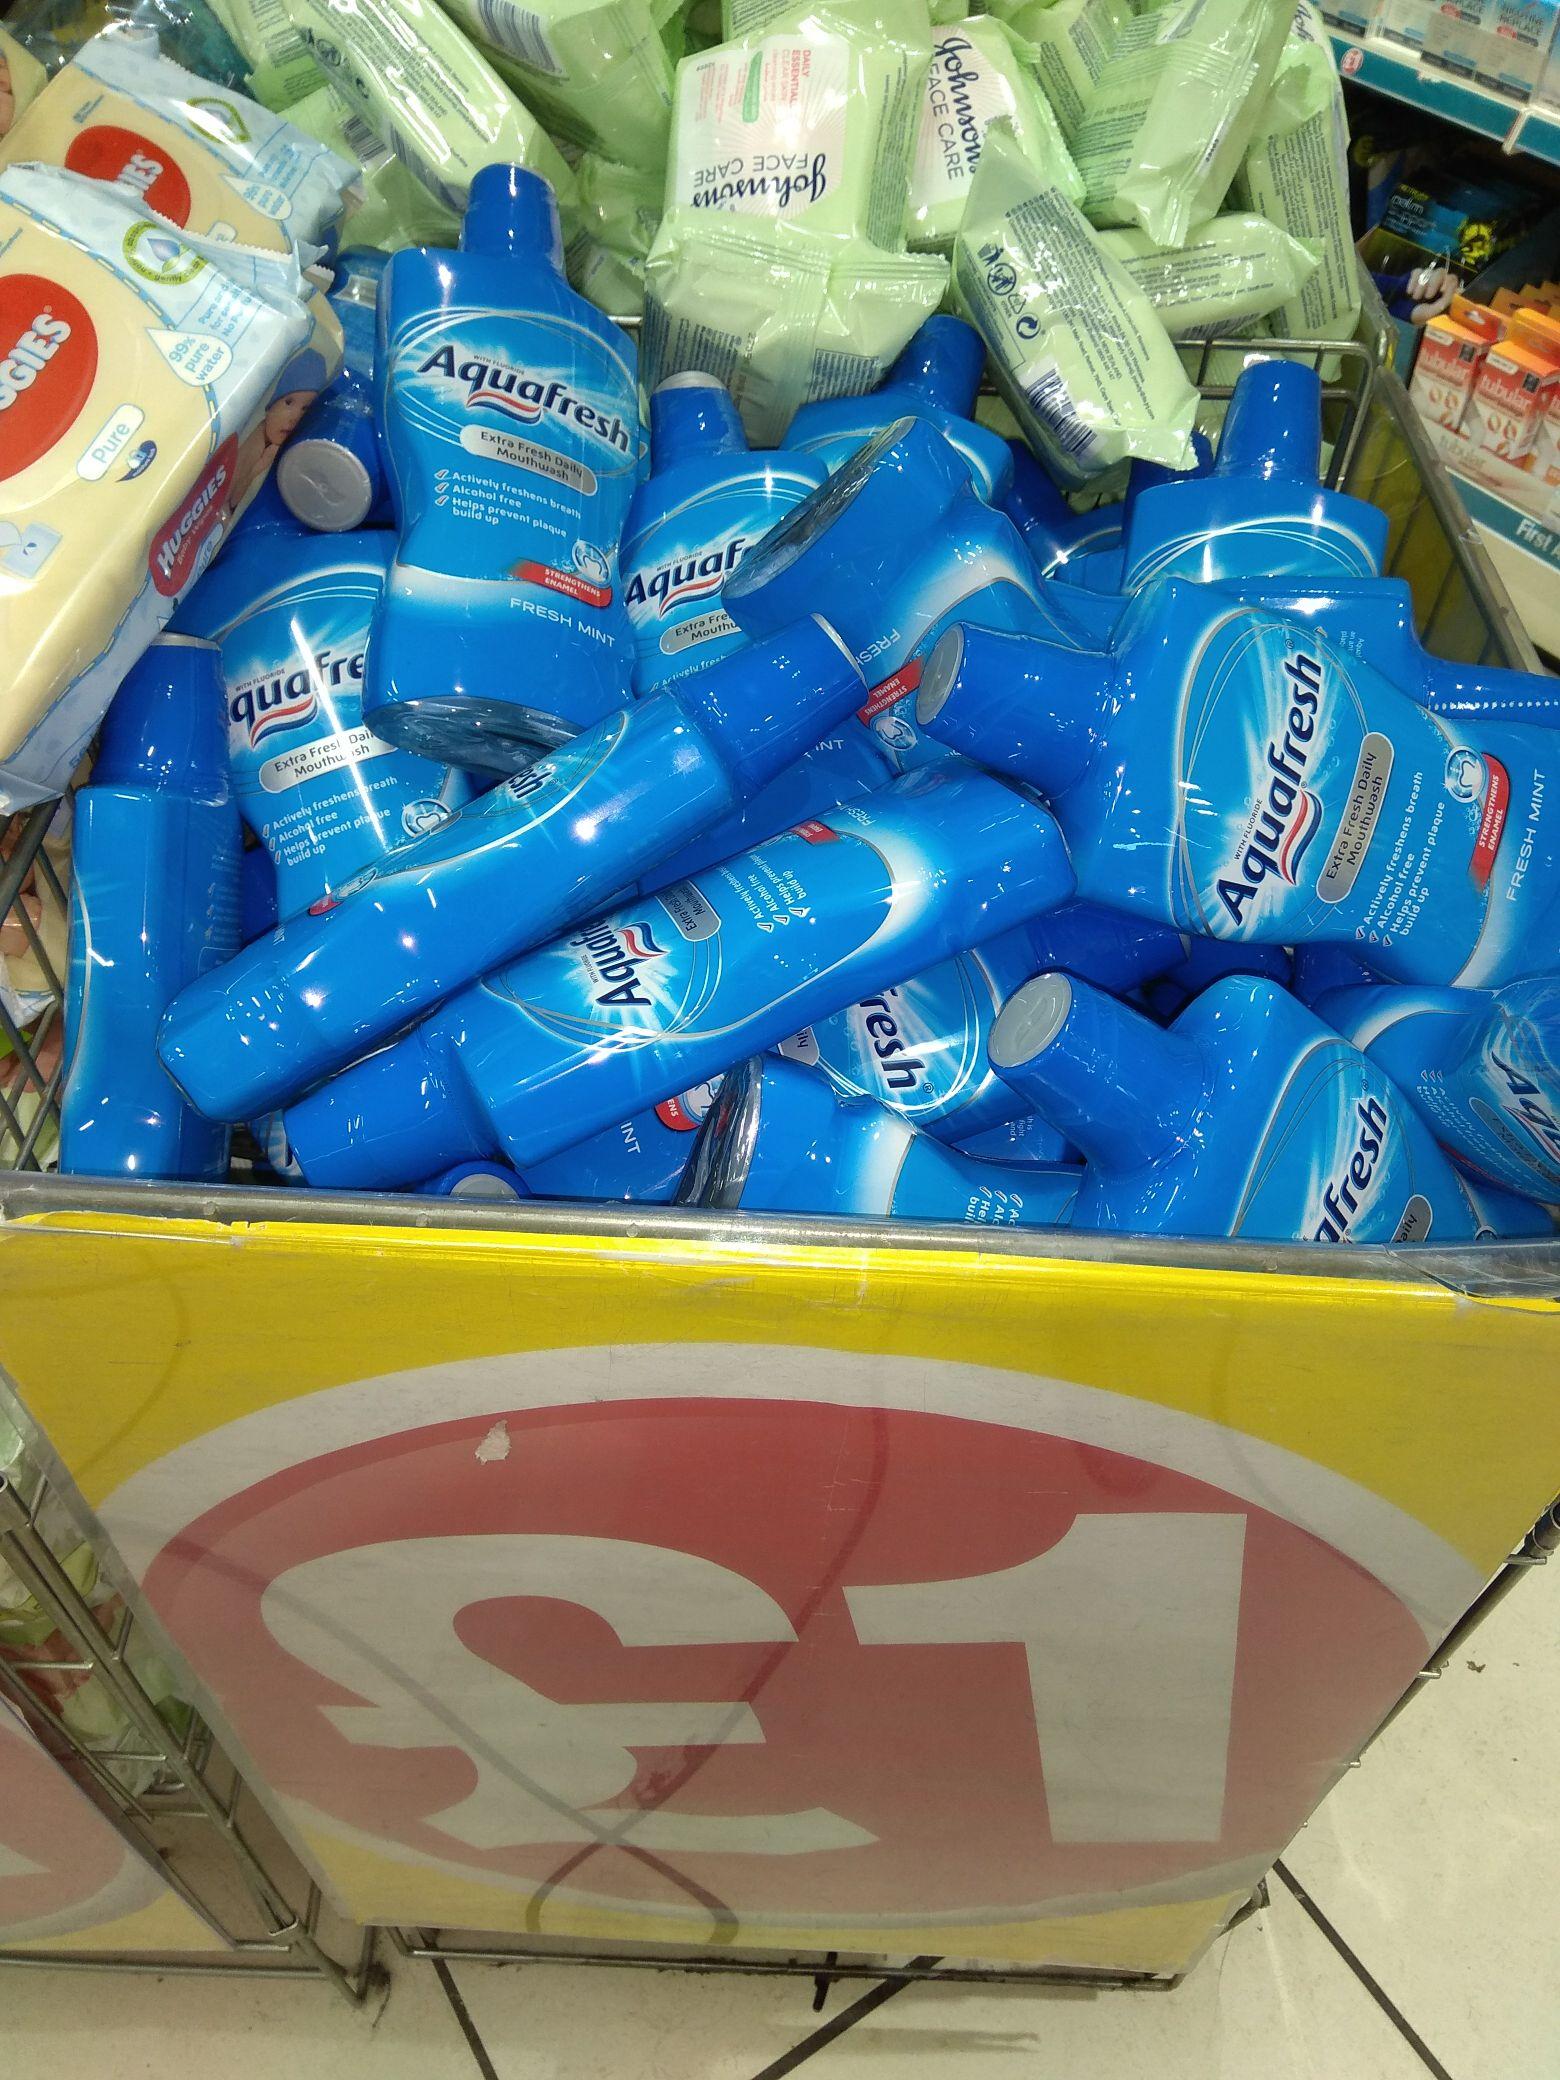 Aquafresh 500ml mouthwash - £1 @ Poundland